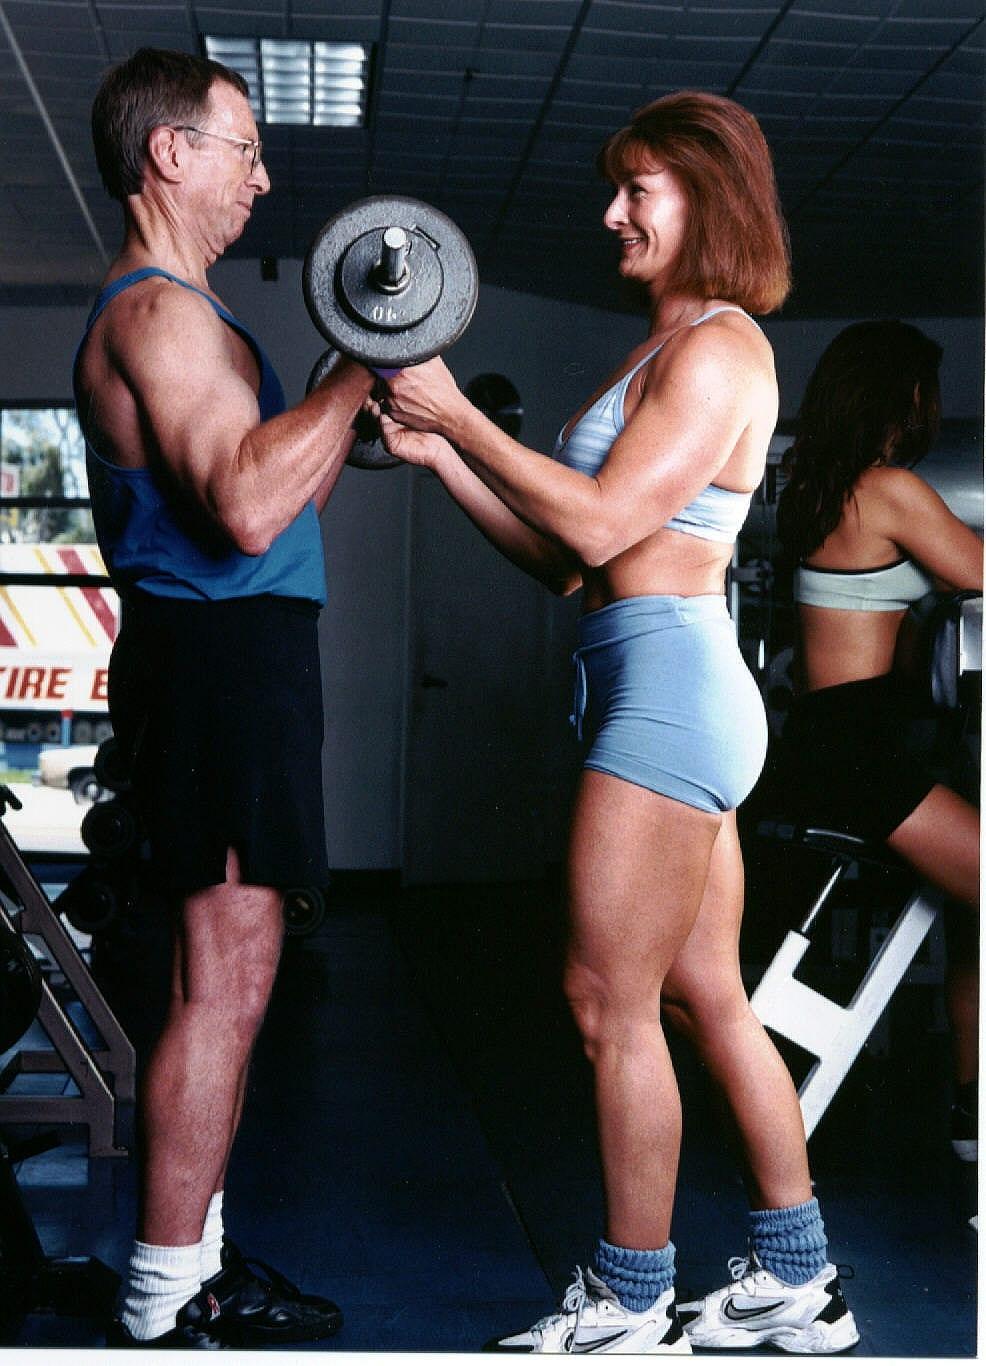 Sandra and Ken Bullock